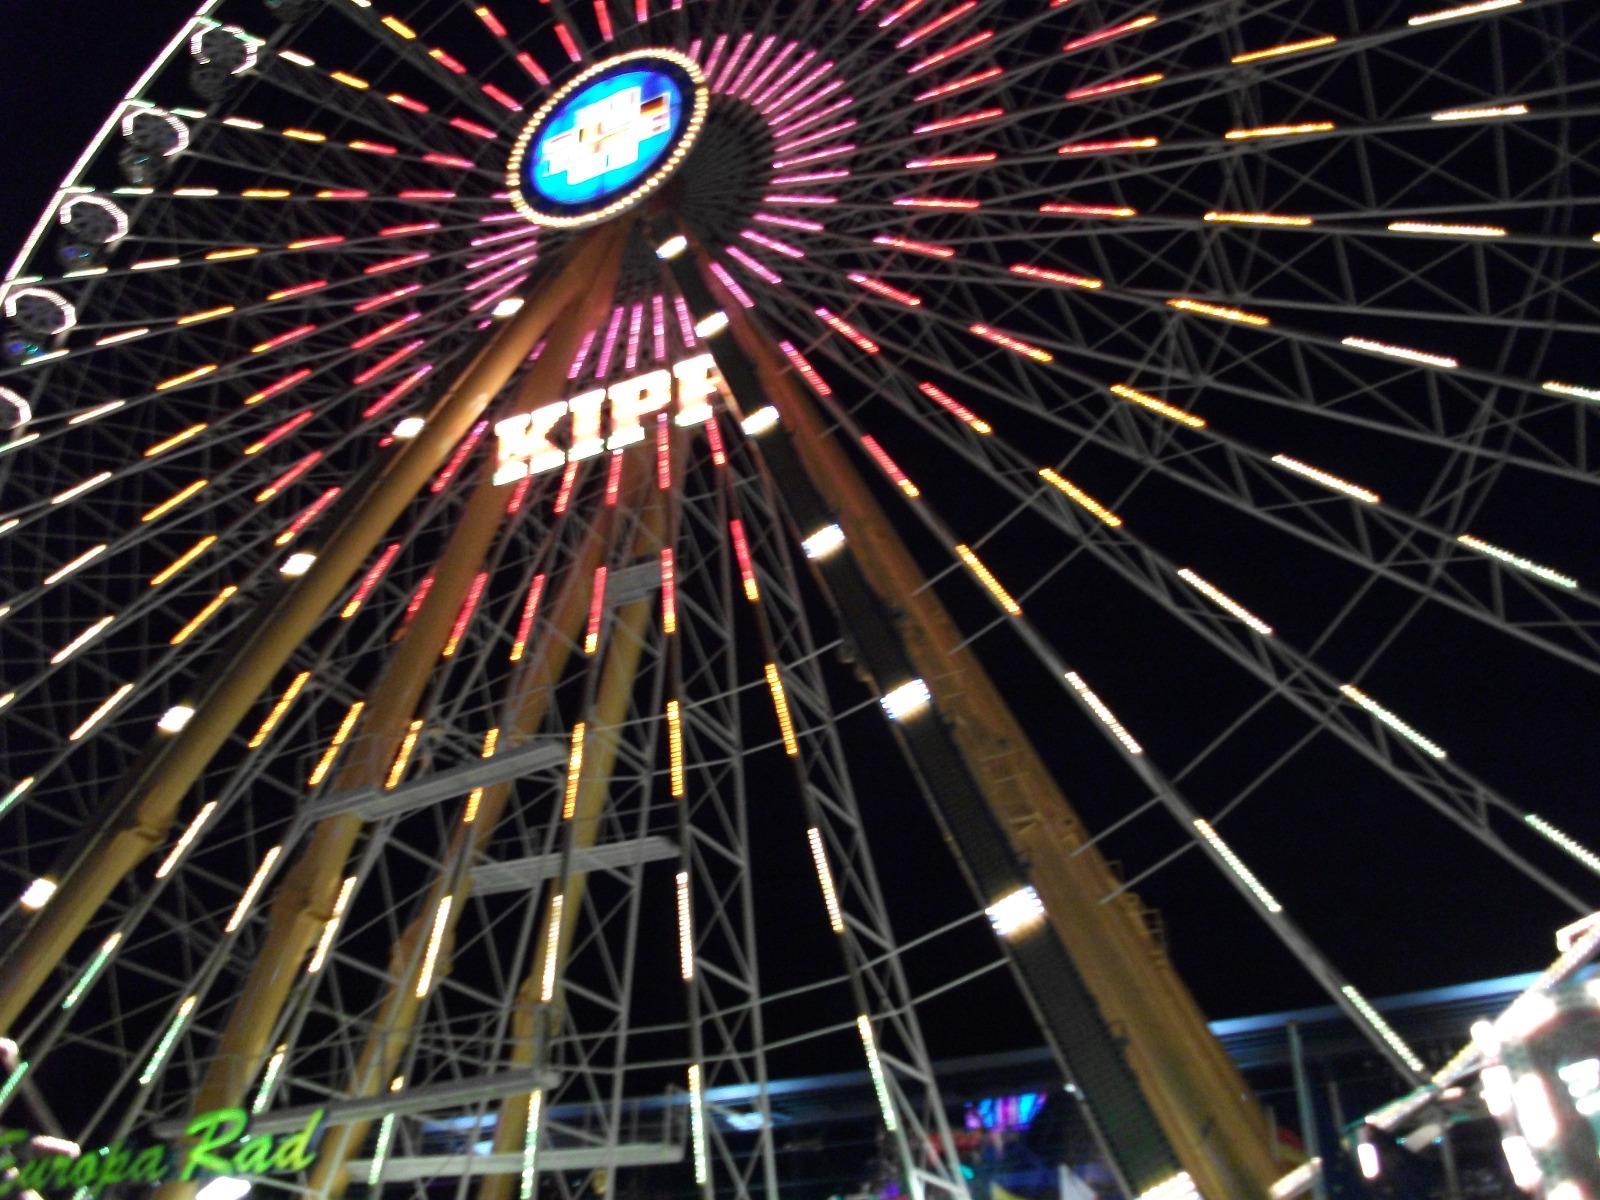 Bremen feiert: Feste von Breminale bis Freimarkt